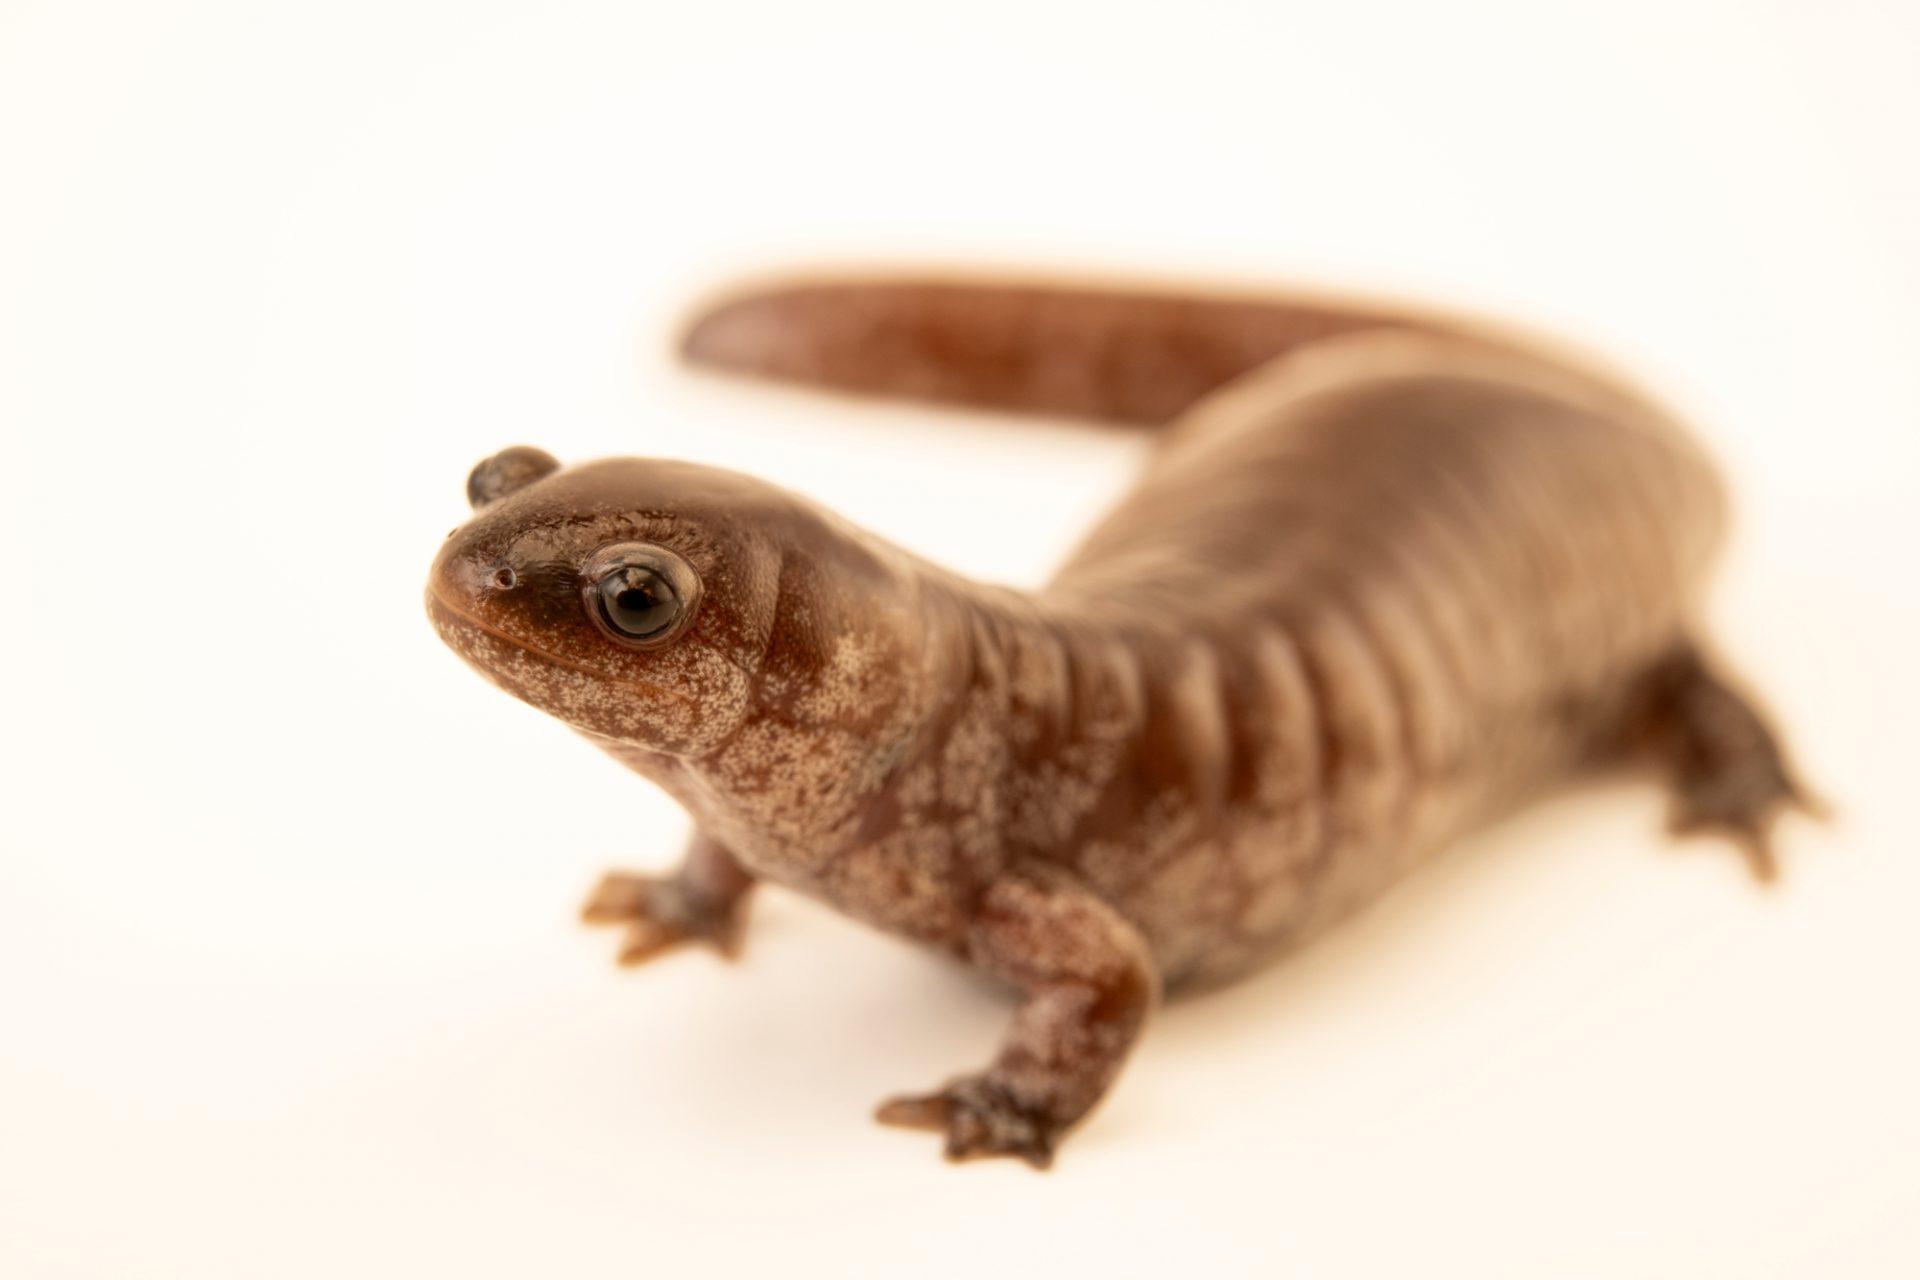 Photo: Steamside salamander (Ambystoma barbouri) at the Nashville Zoo.